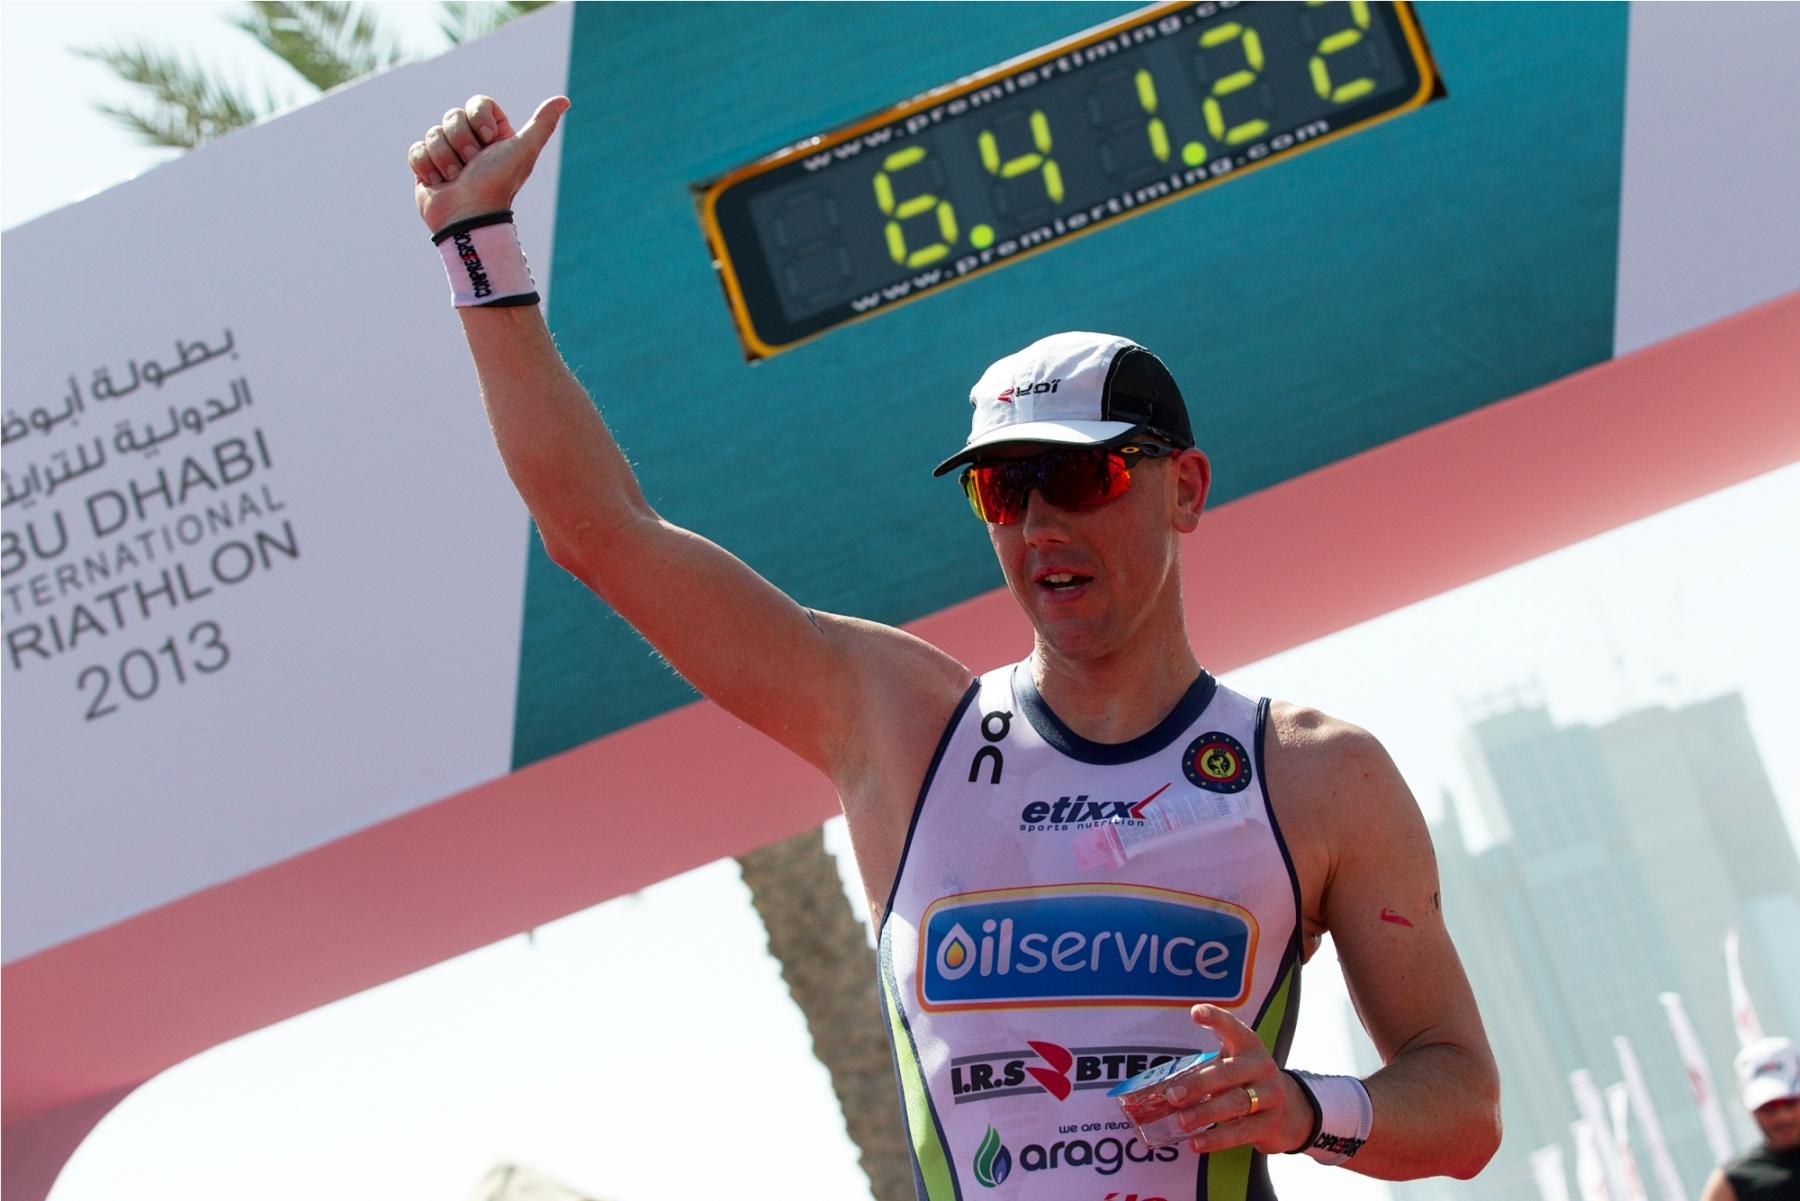 Frederik Van Lierde, champion du monde IRONMAN, parraine l'équipe Croix-Rouge aux 20 km de Bruxelles